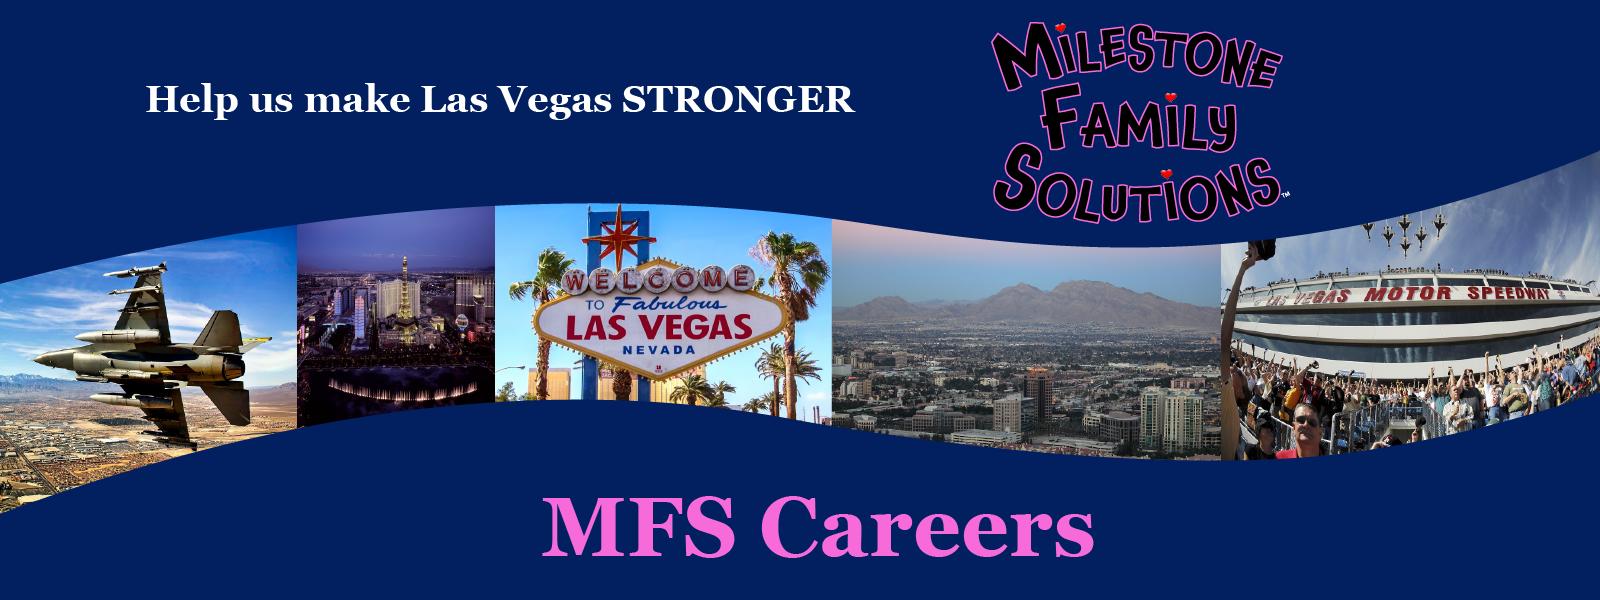 MFS Careers header